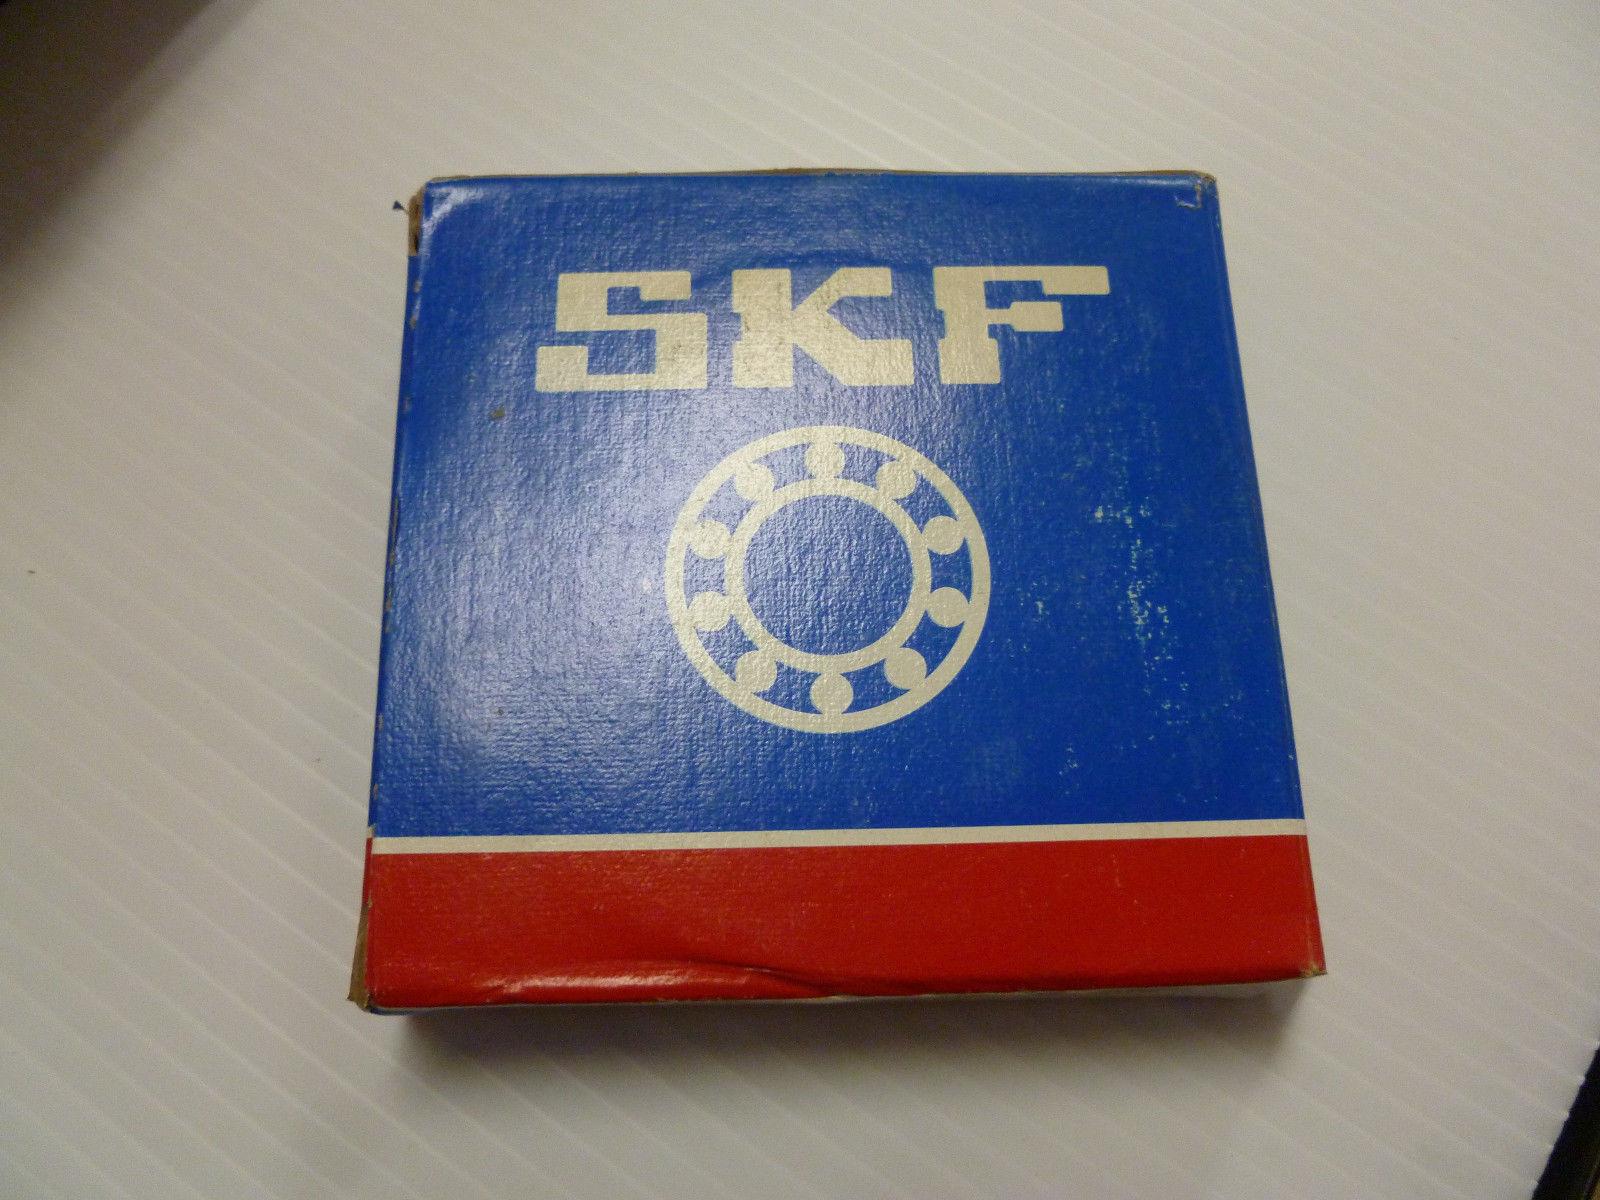 NEW SKF Bearing 7212 BECBY Angular Contact and similar items